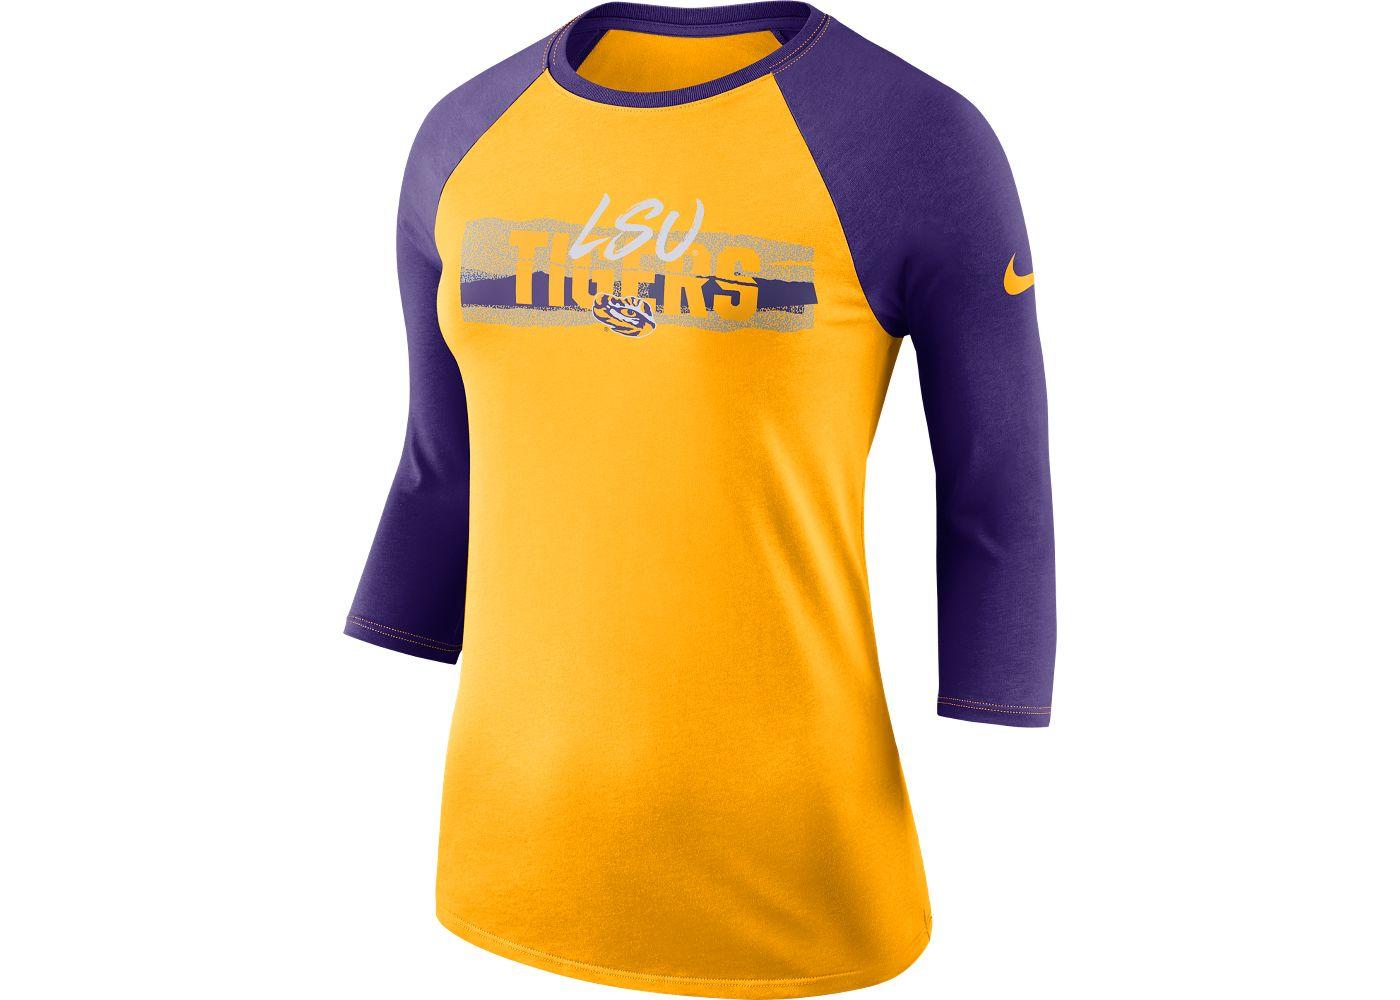 Nike Women's LSU Tigers Gold Dri-FIT ¾ Sleeve T-Shirt